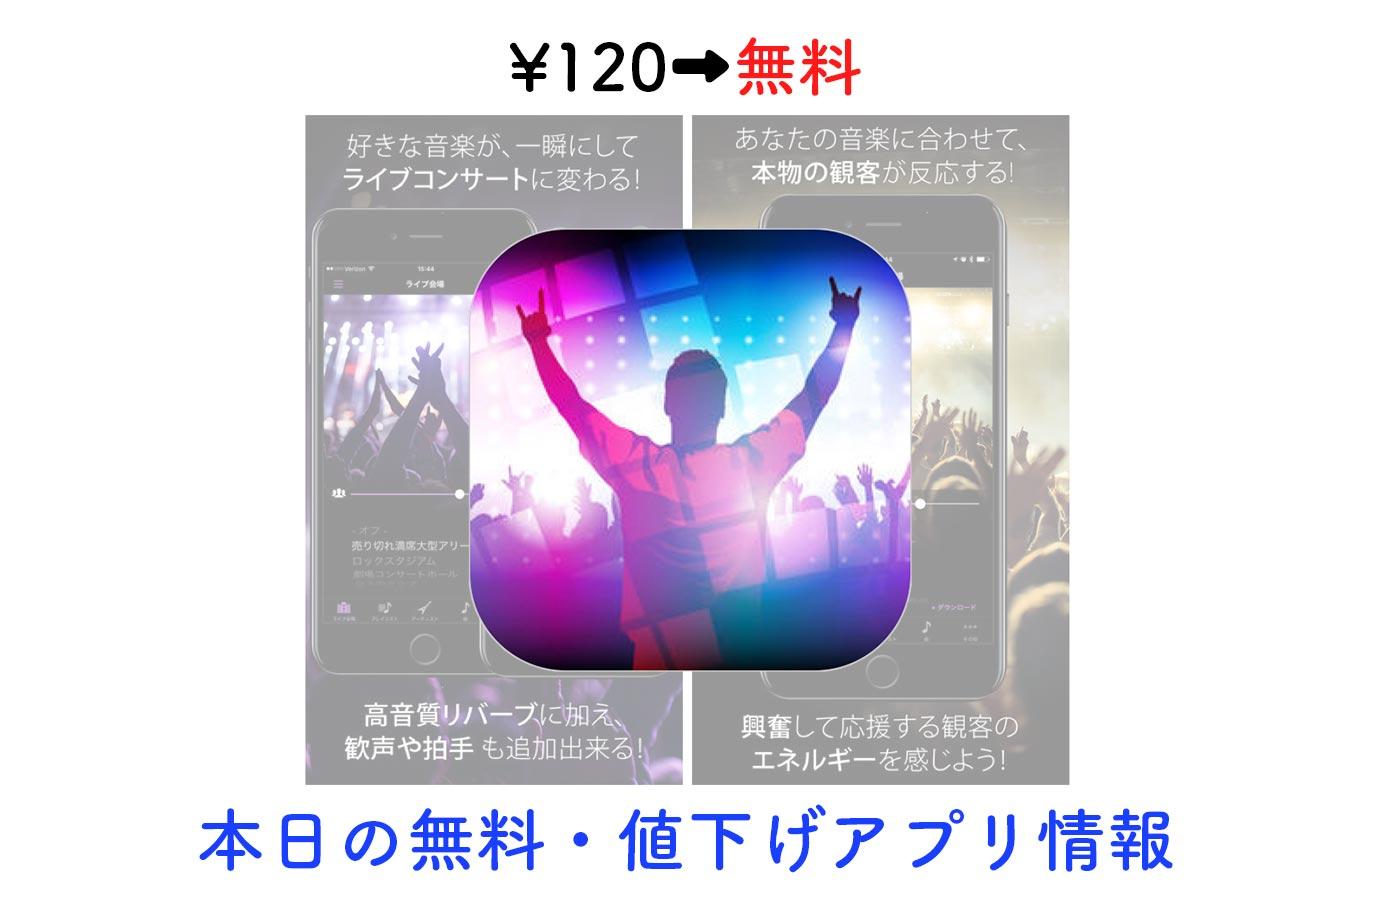 ¥120→無料、ライブ会場などをシミュレートできる音楽アプリ「LiveTunes」など【12/26】本日の無料・値下げアプリ情報